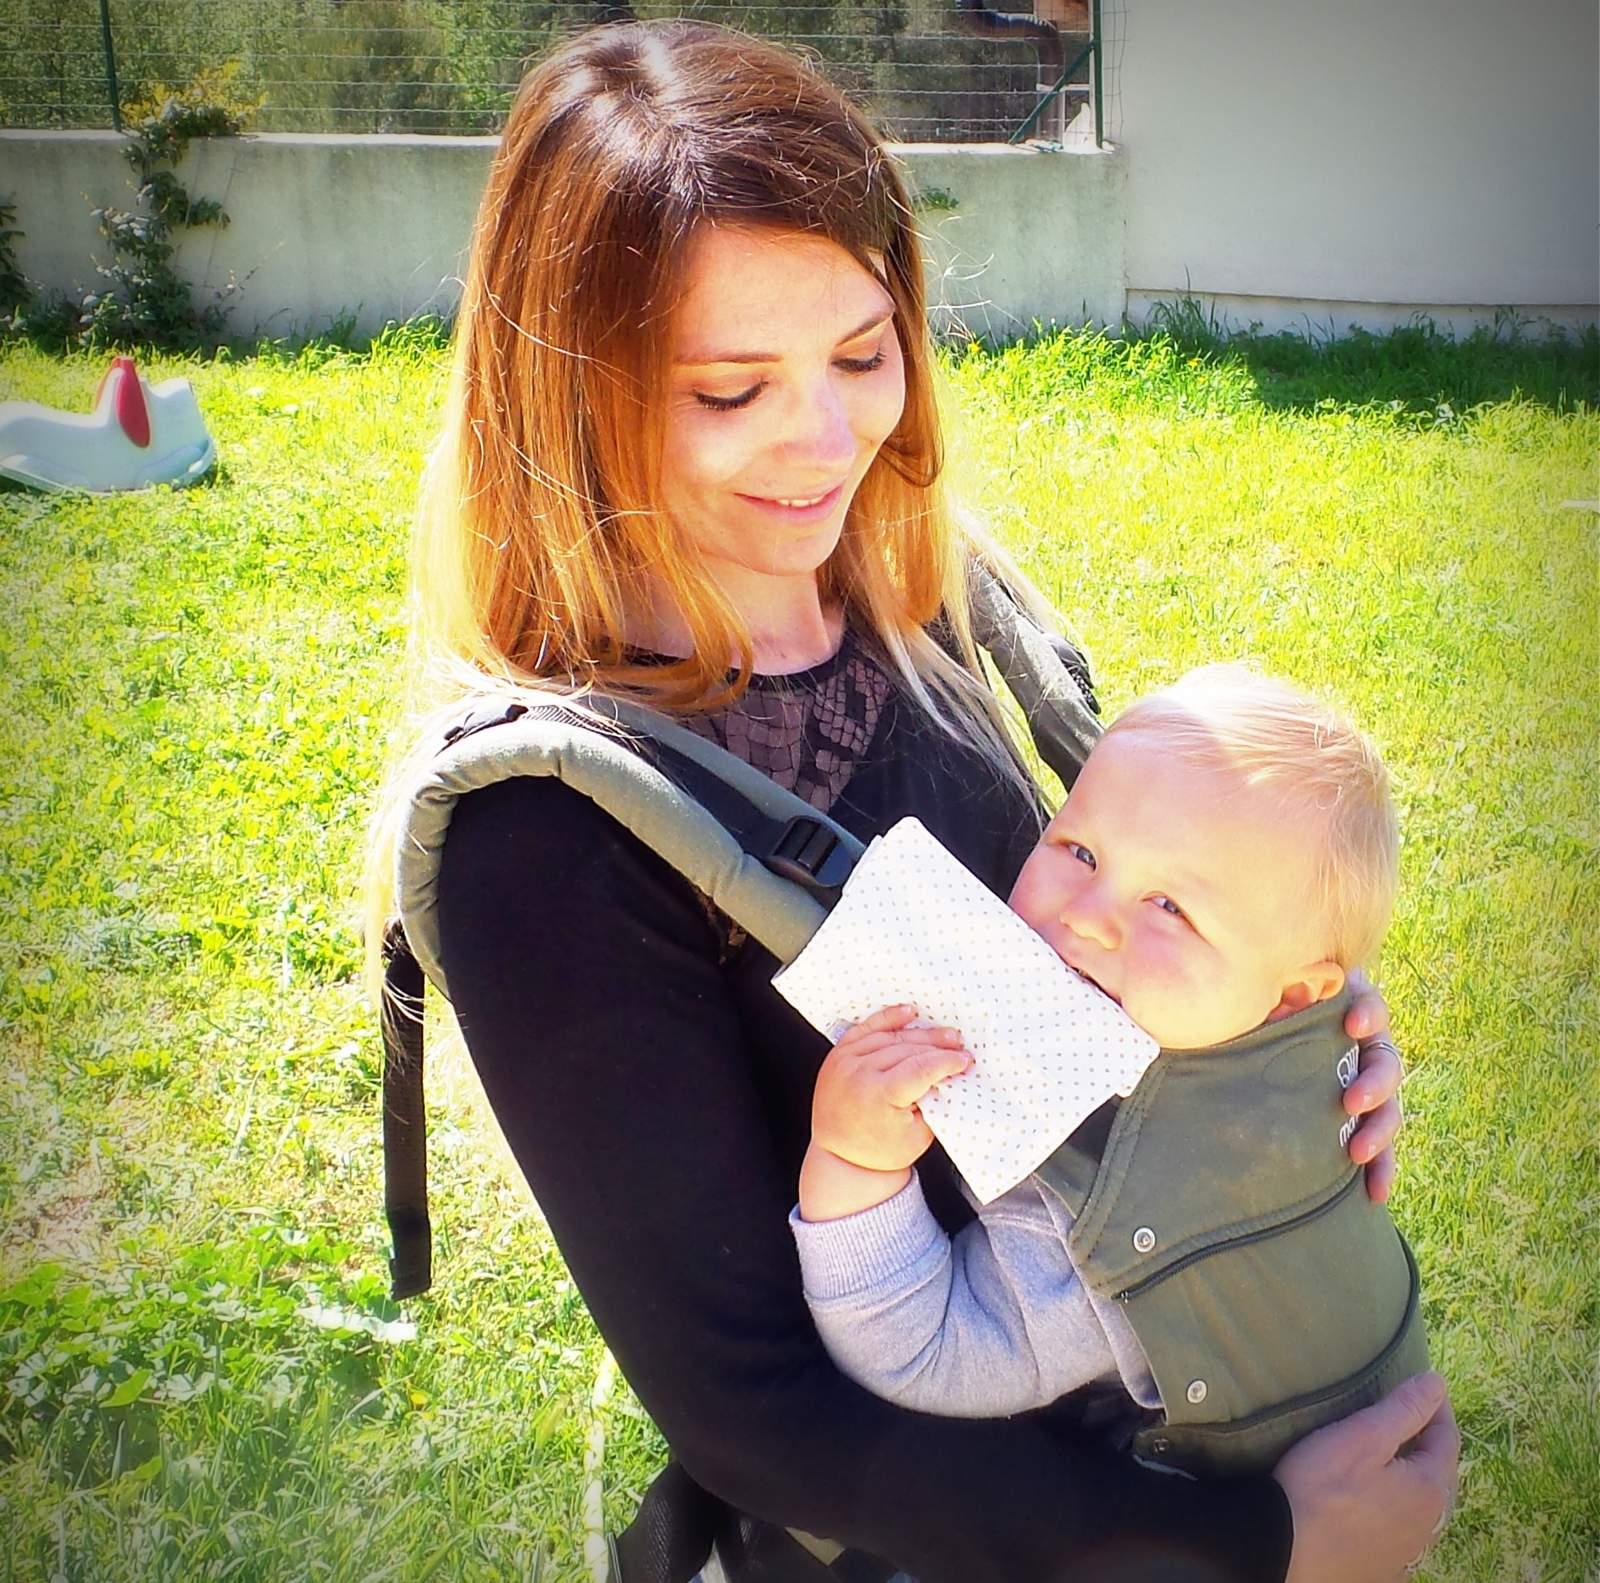 Accessoires pour porte-bébé : protege bretelle pour porte bébé